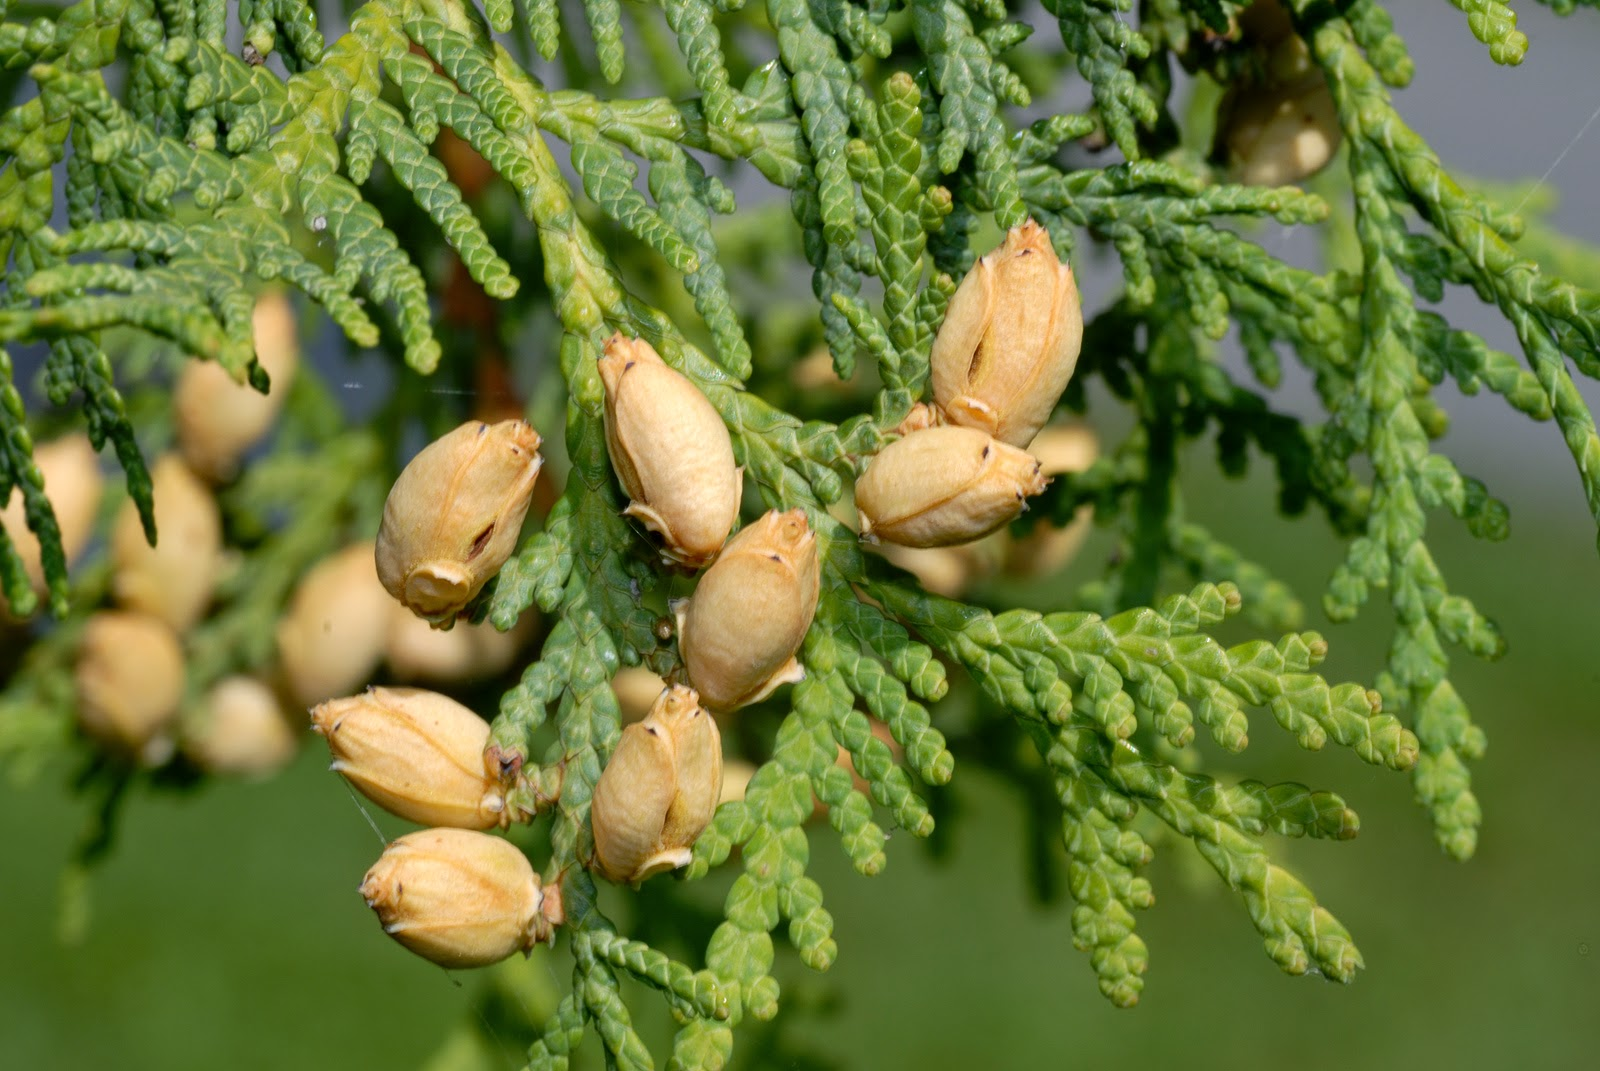 Ikballe şifalı bitkiler